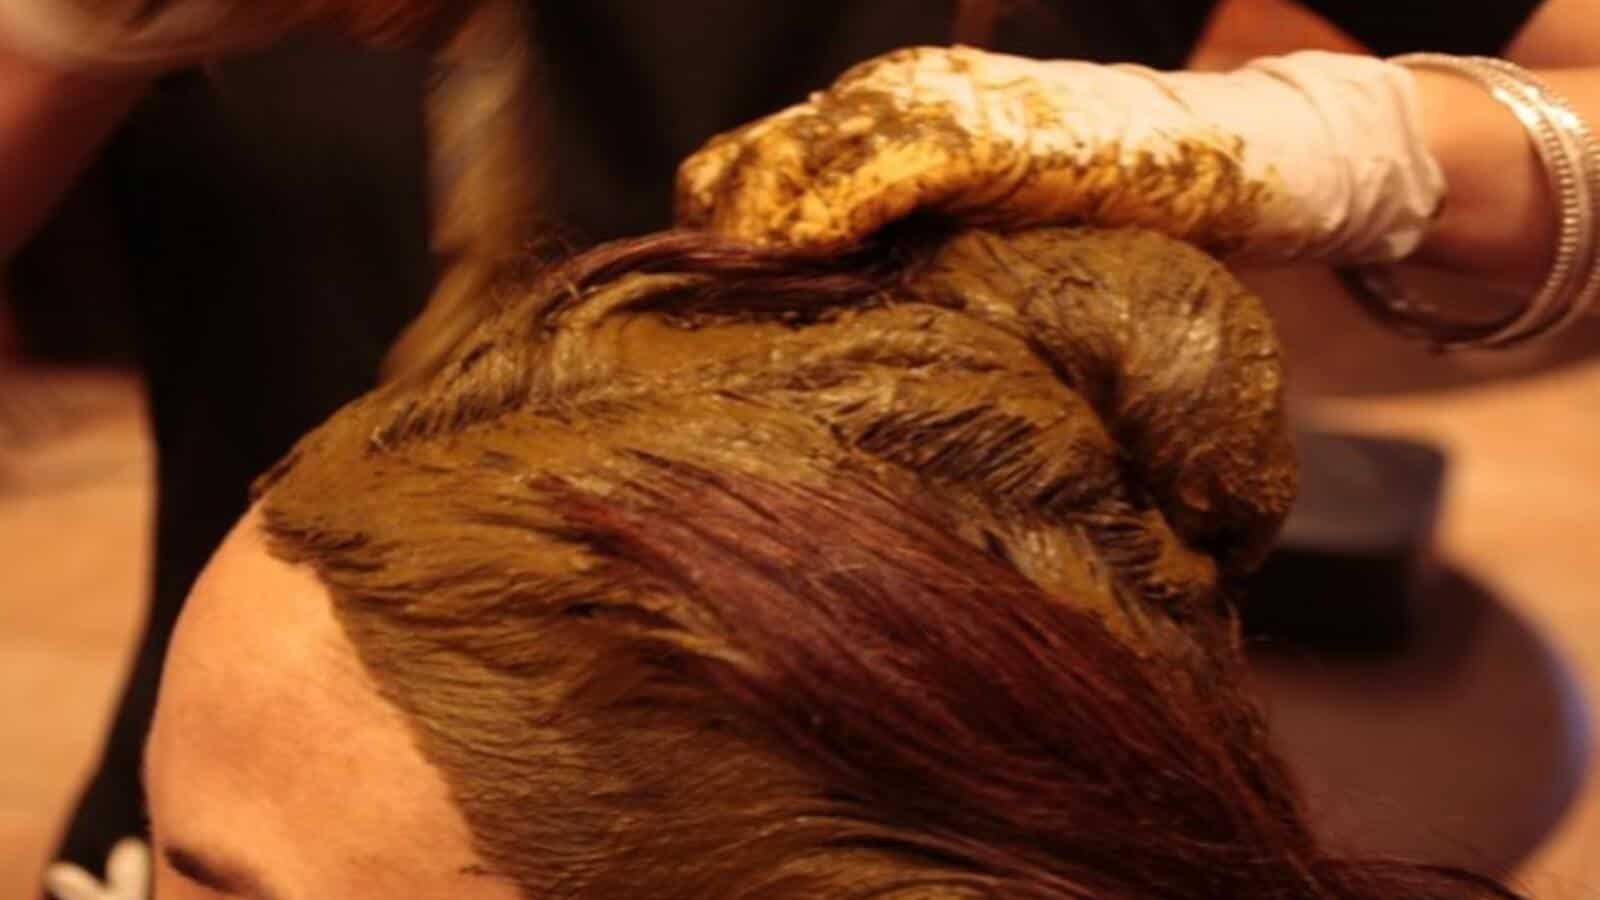 طريقة صبغ الشعر بالحناء الطبيعية مجلة سيدات الامارات